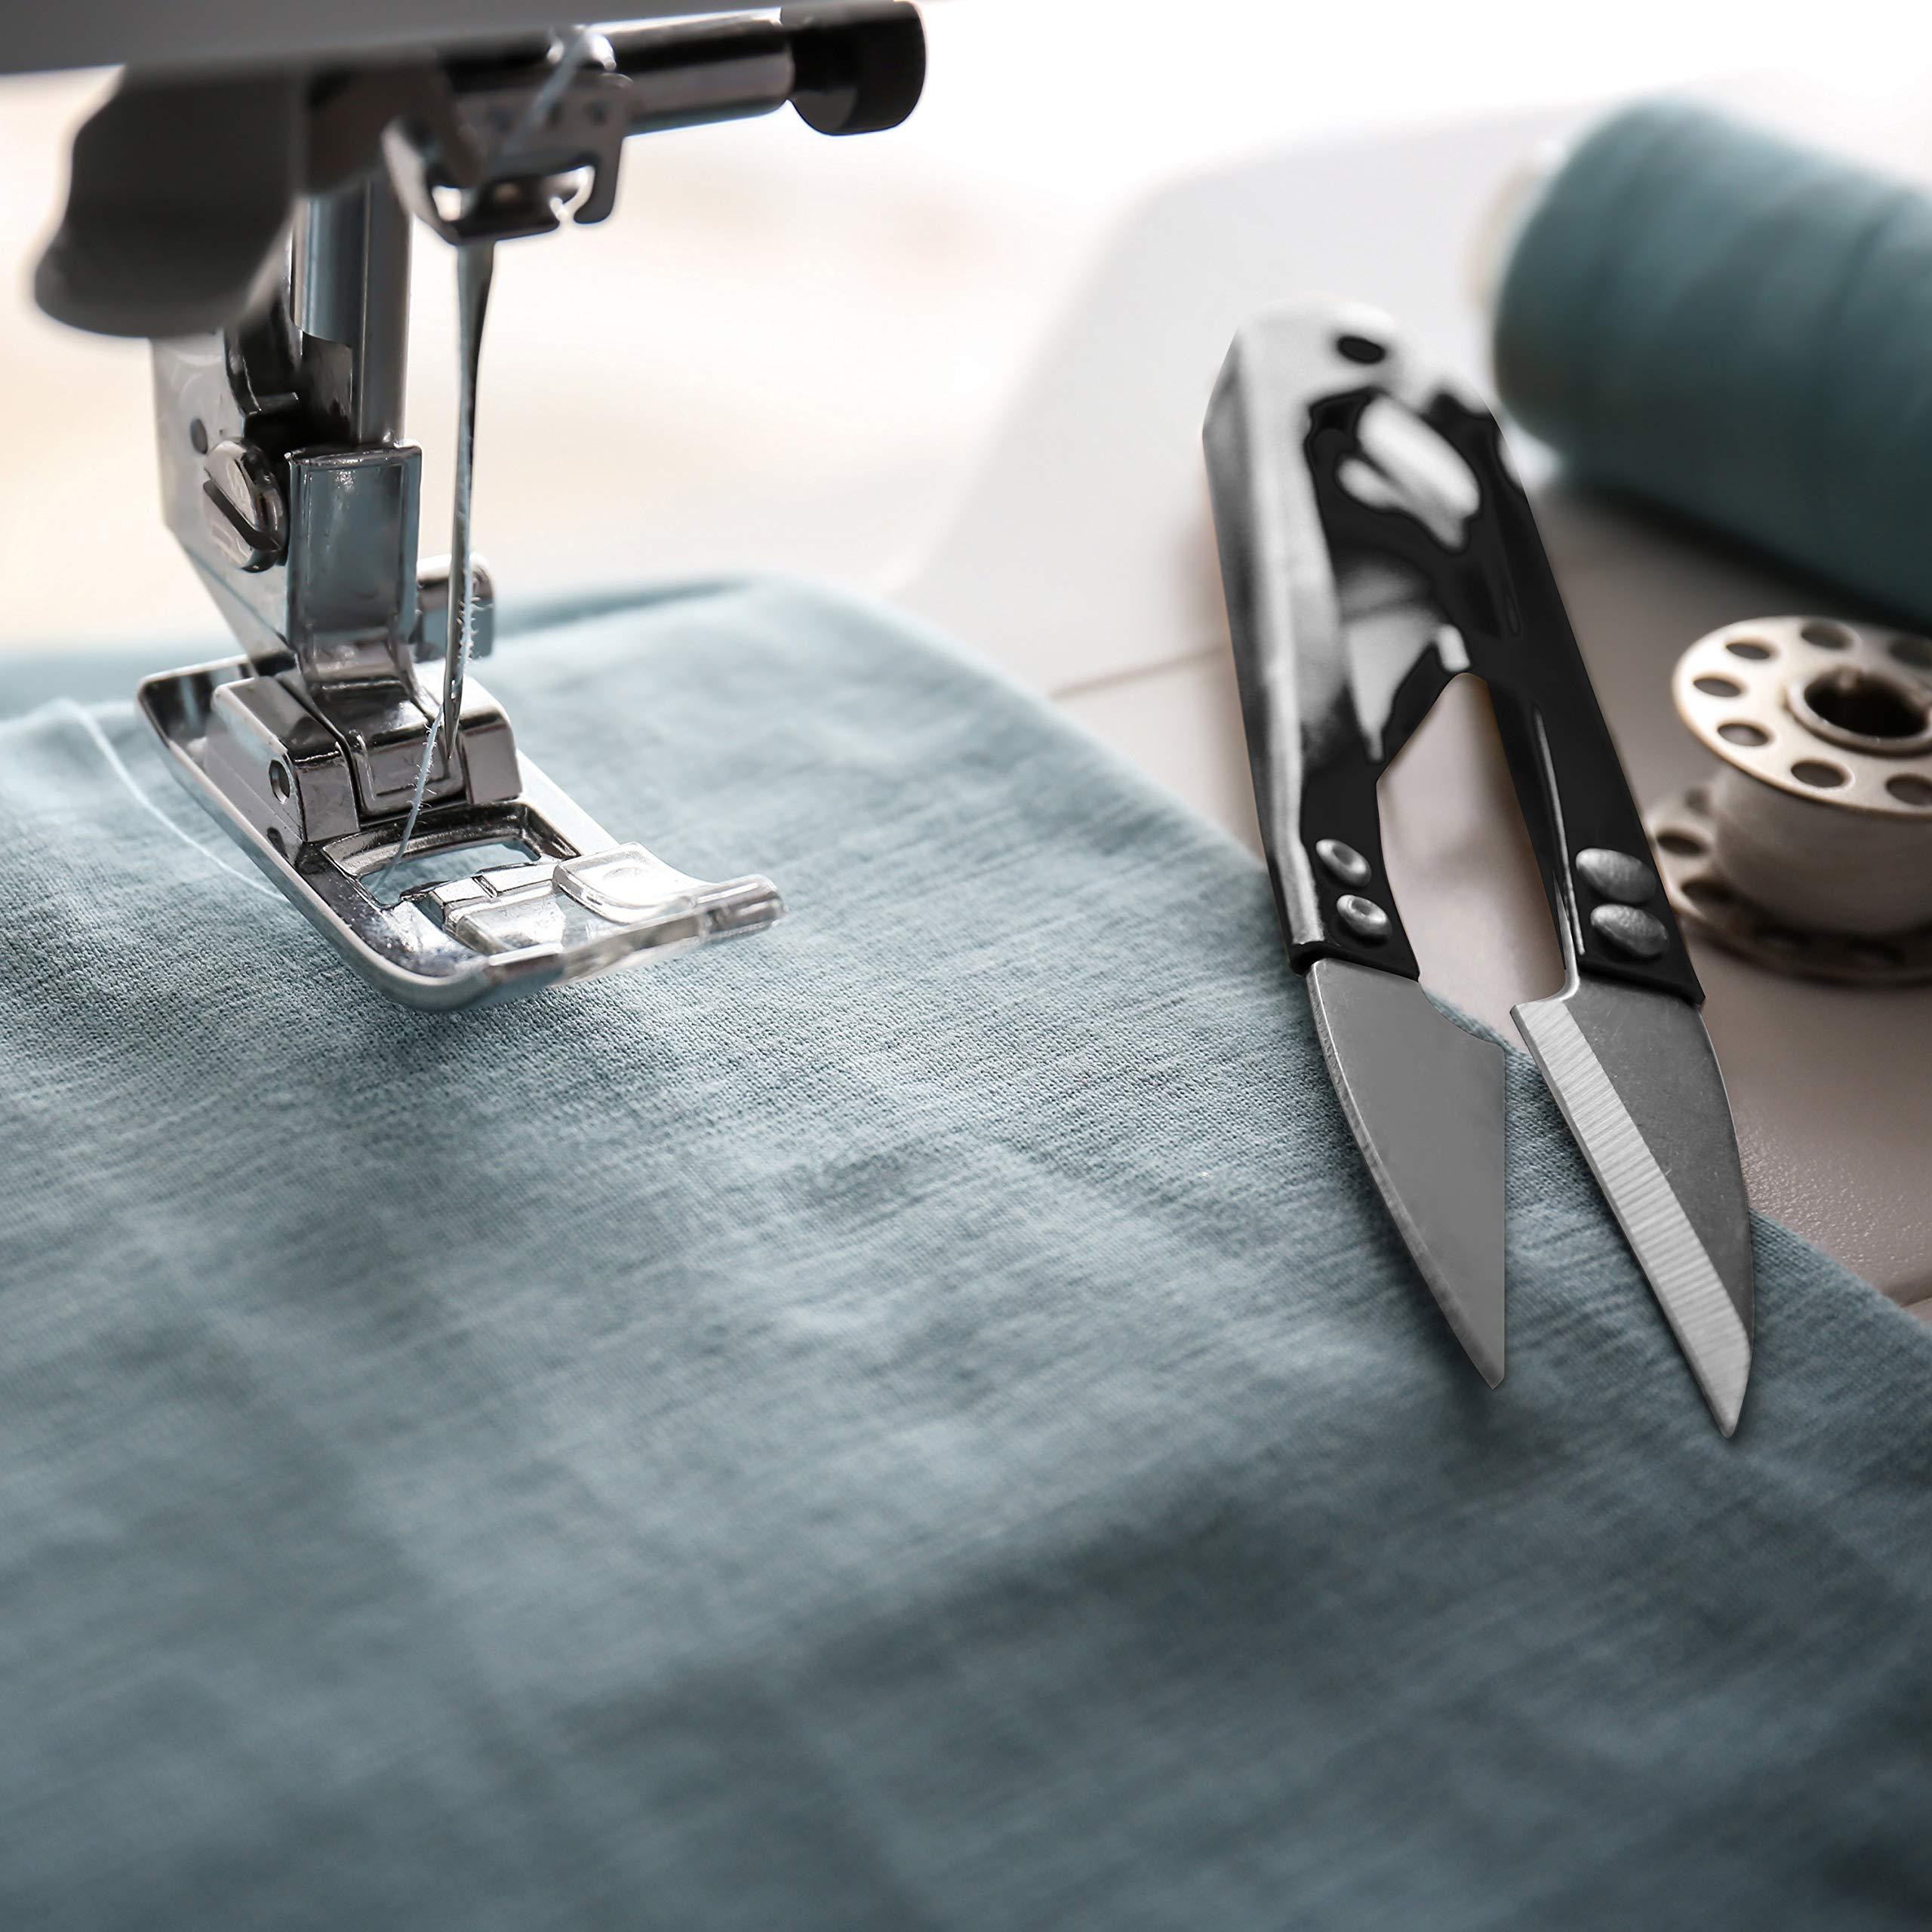 Handi Stitch Tijeras Tela y Cortahilos Costura - Resistentes ...